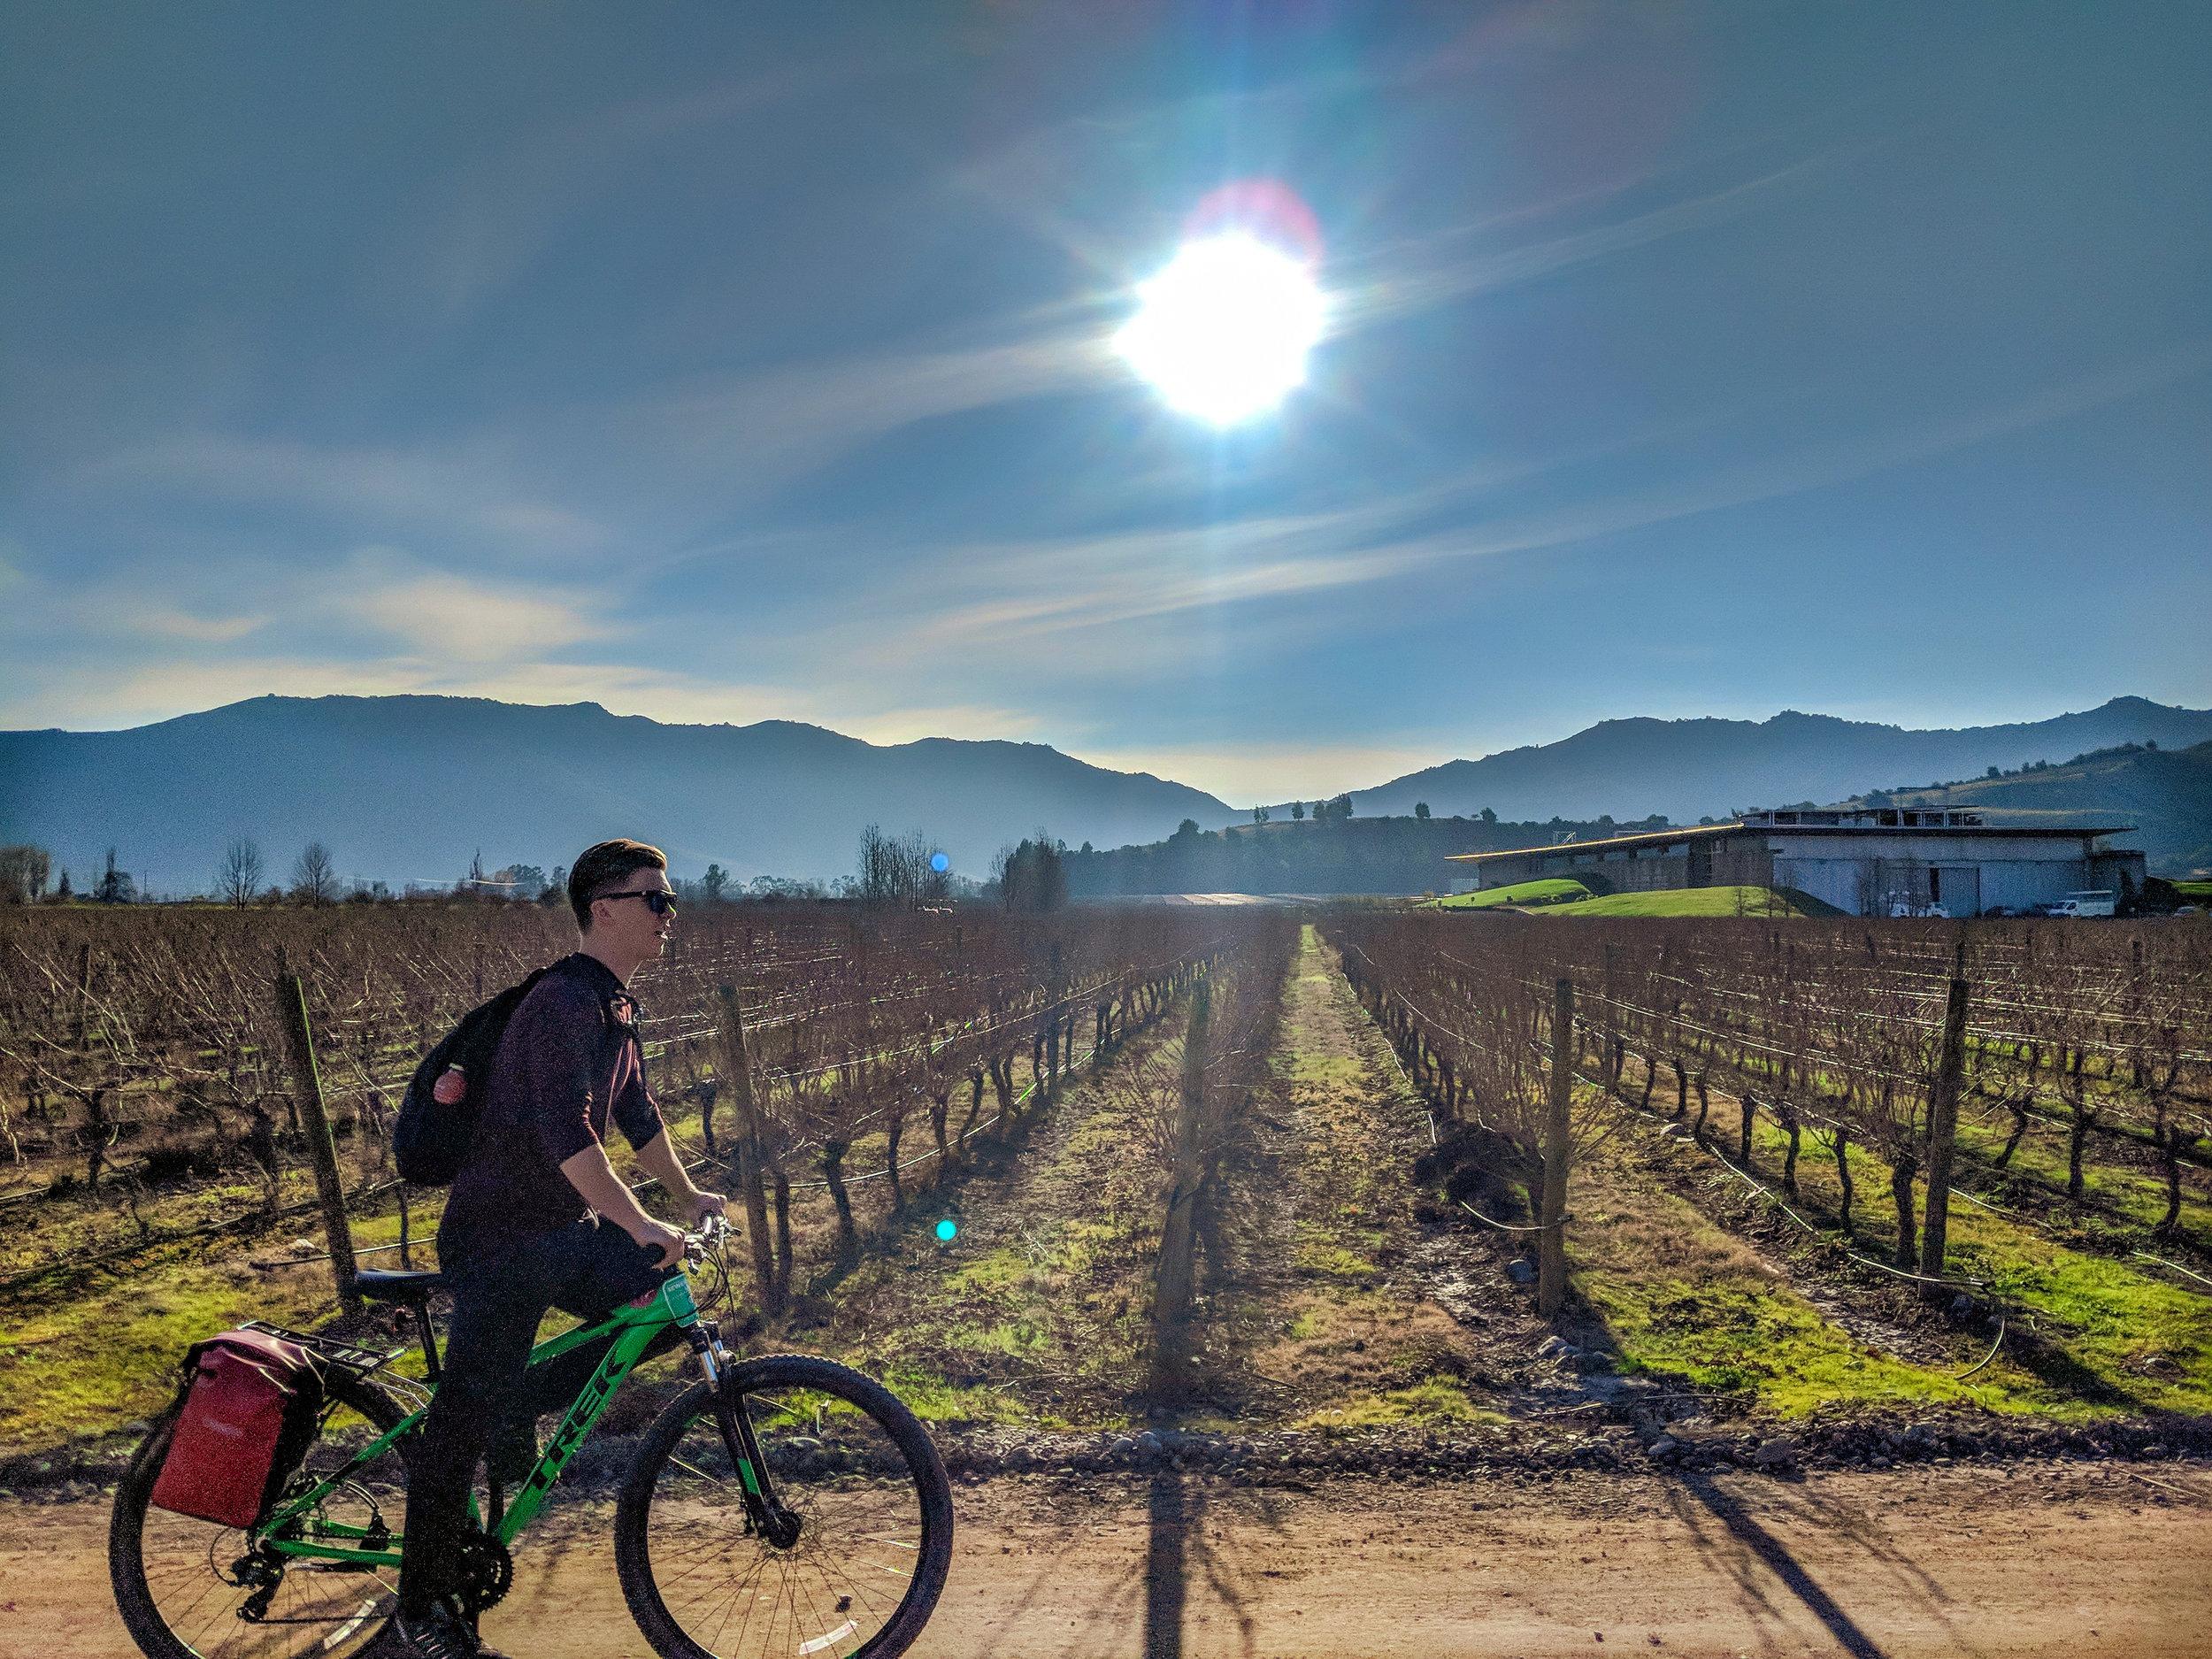 SantaCruz_Biking.jpg